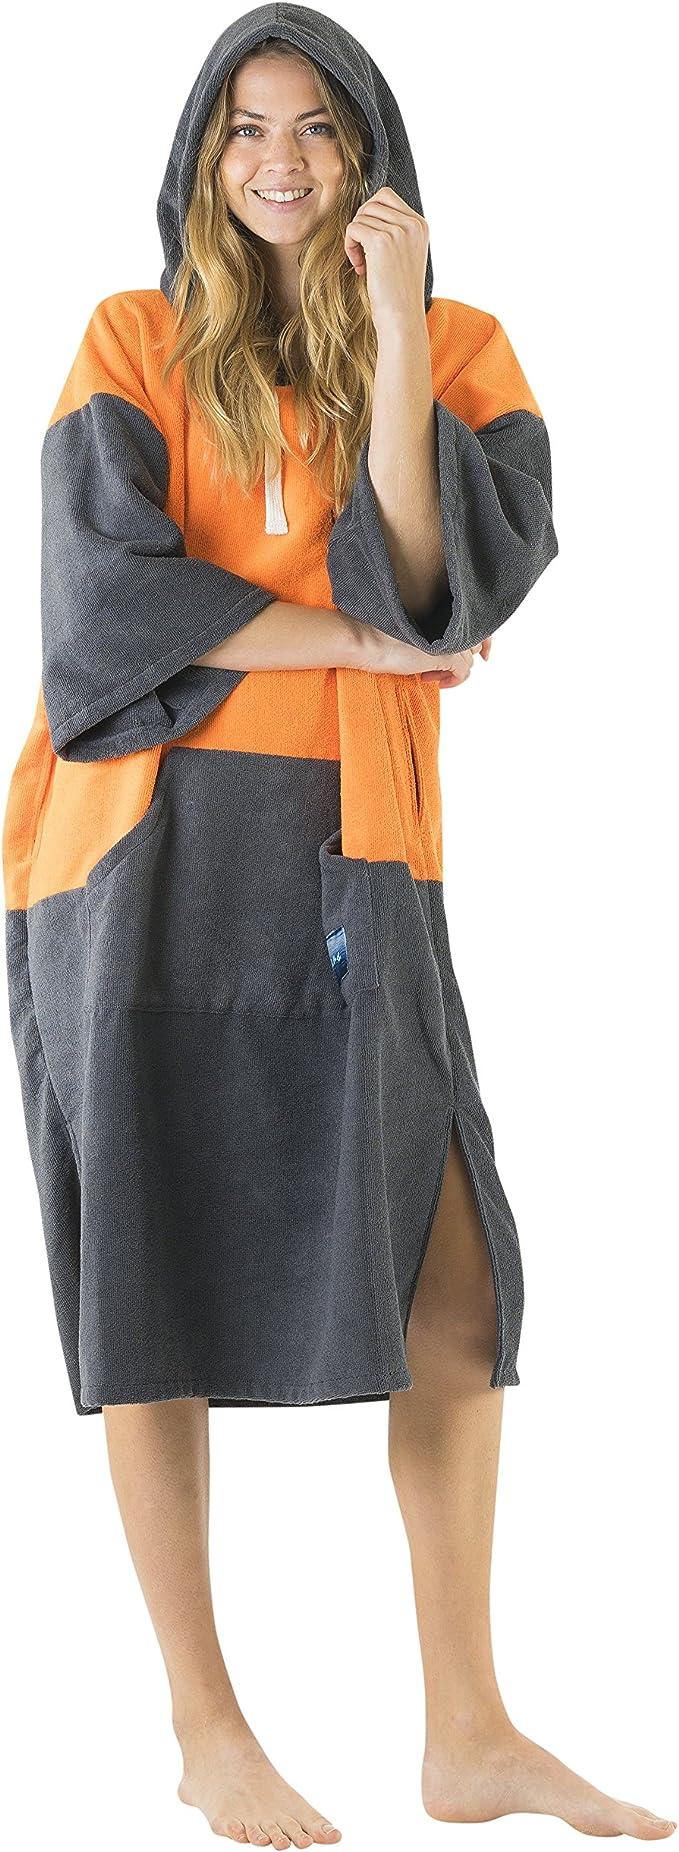 Poncho /à Capuche en Impression Poches Larges avec Fermeture /Éclair pour la Plage Robe pour Se Changer /à lExt/érieur Vivida Lifestyle Serviette avec Ouvertures sous Les Bras